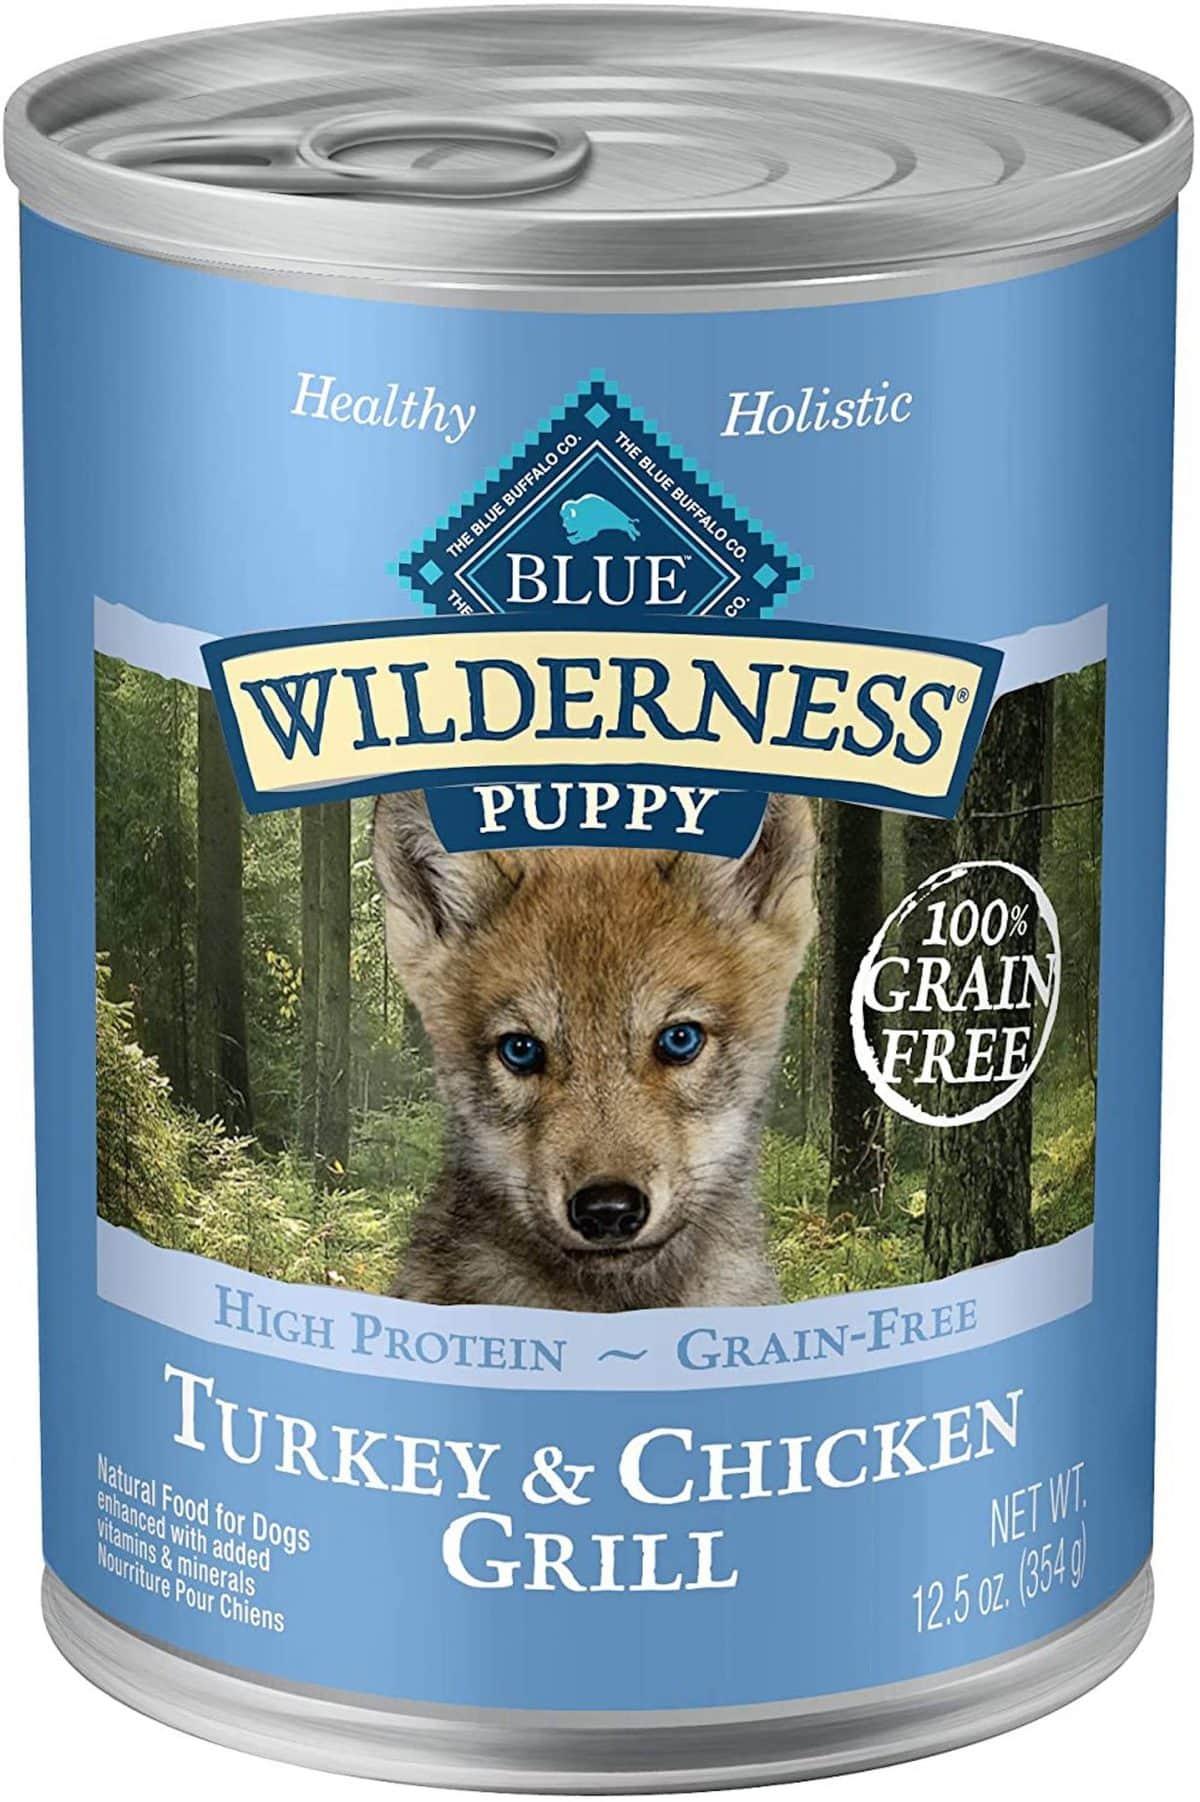 Blue Wilderness Turkey & Chicken Grill